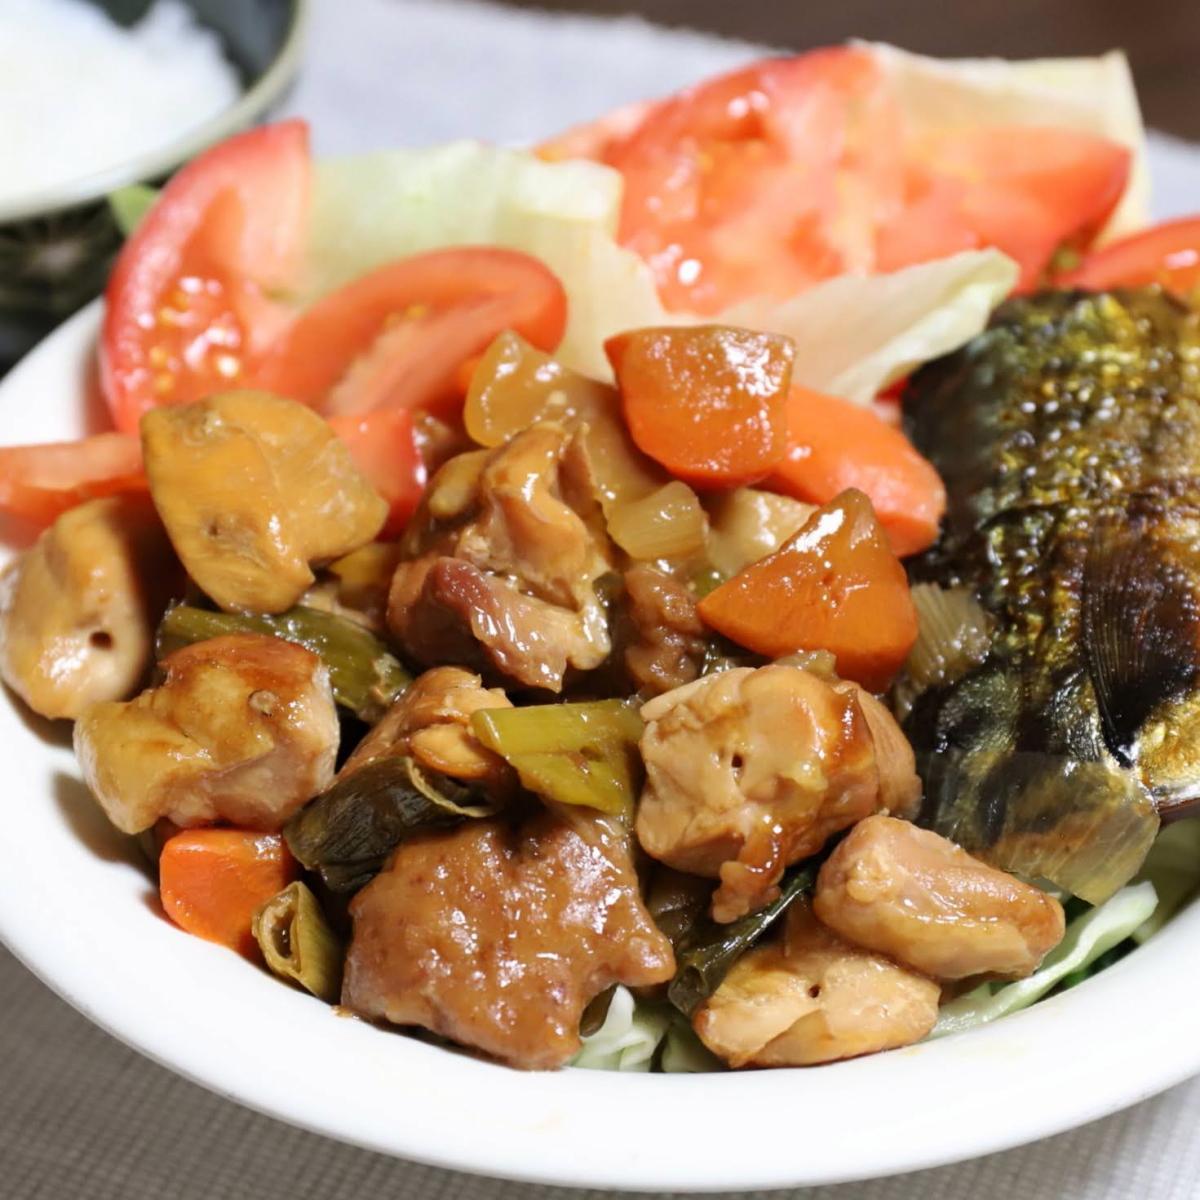 酢豚の味付けの酢鶏に焼き鳥を入れたものやサラダ、塩鯖を一緒に乗せたワンプレート